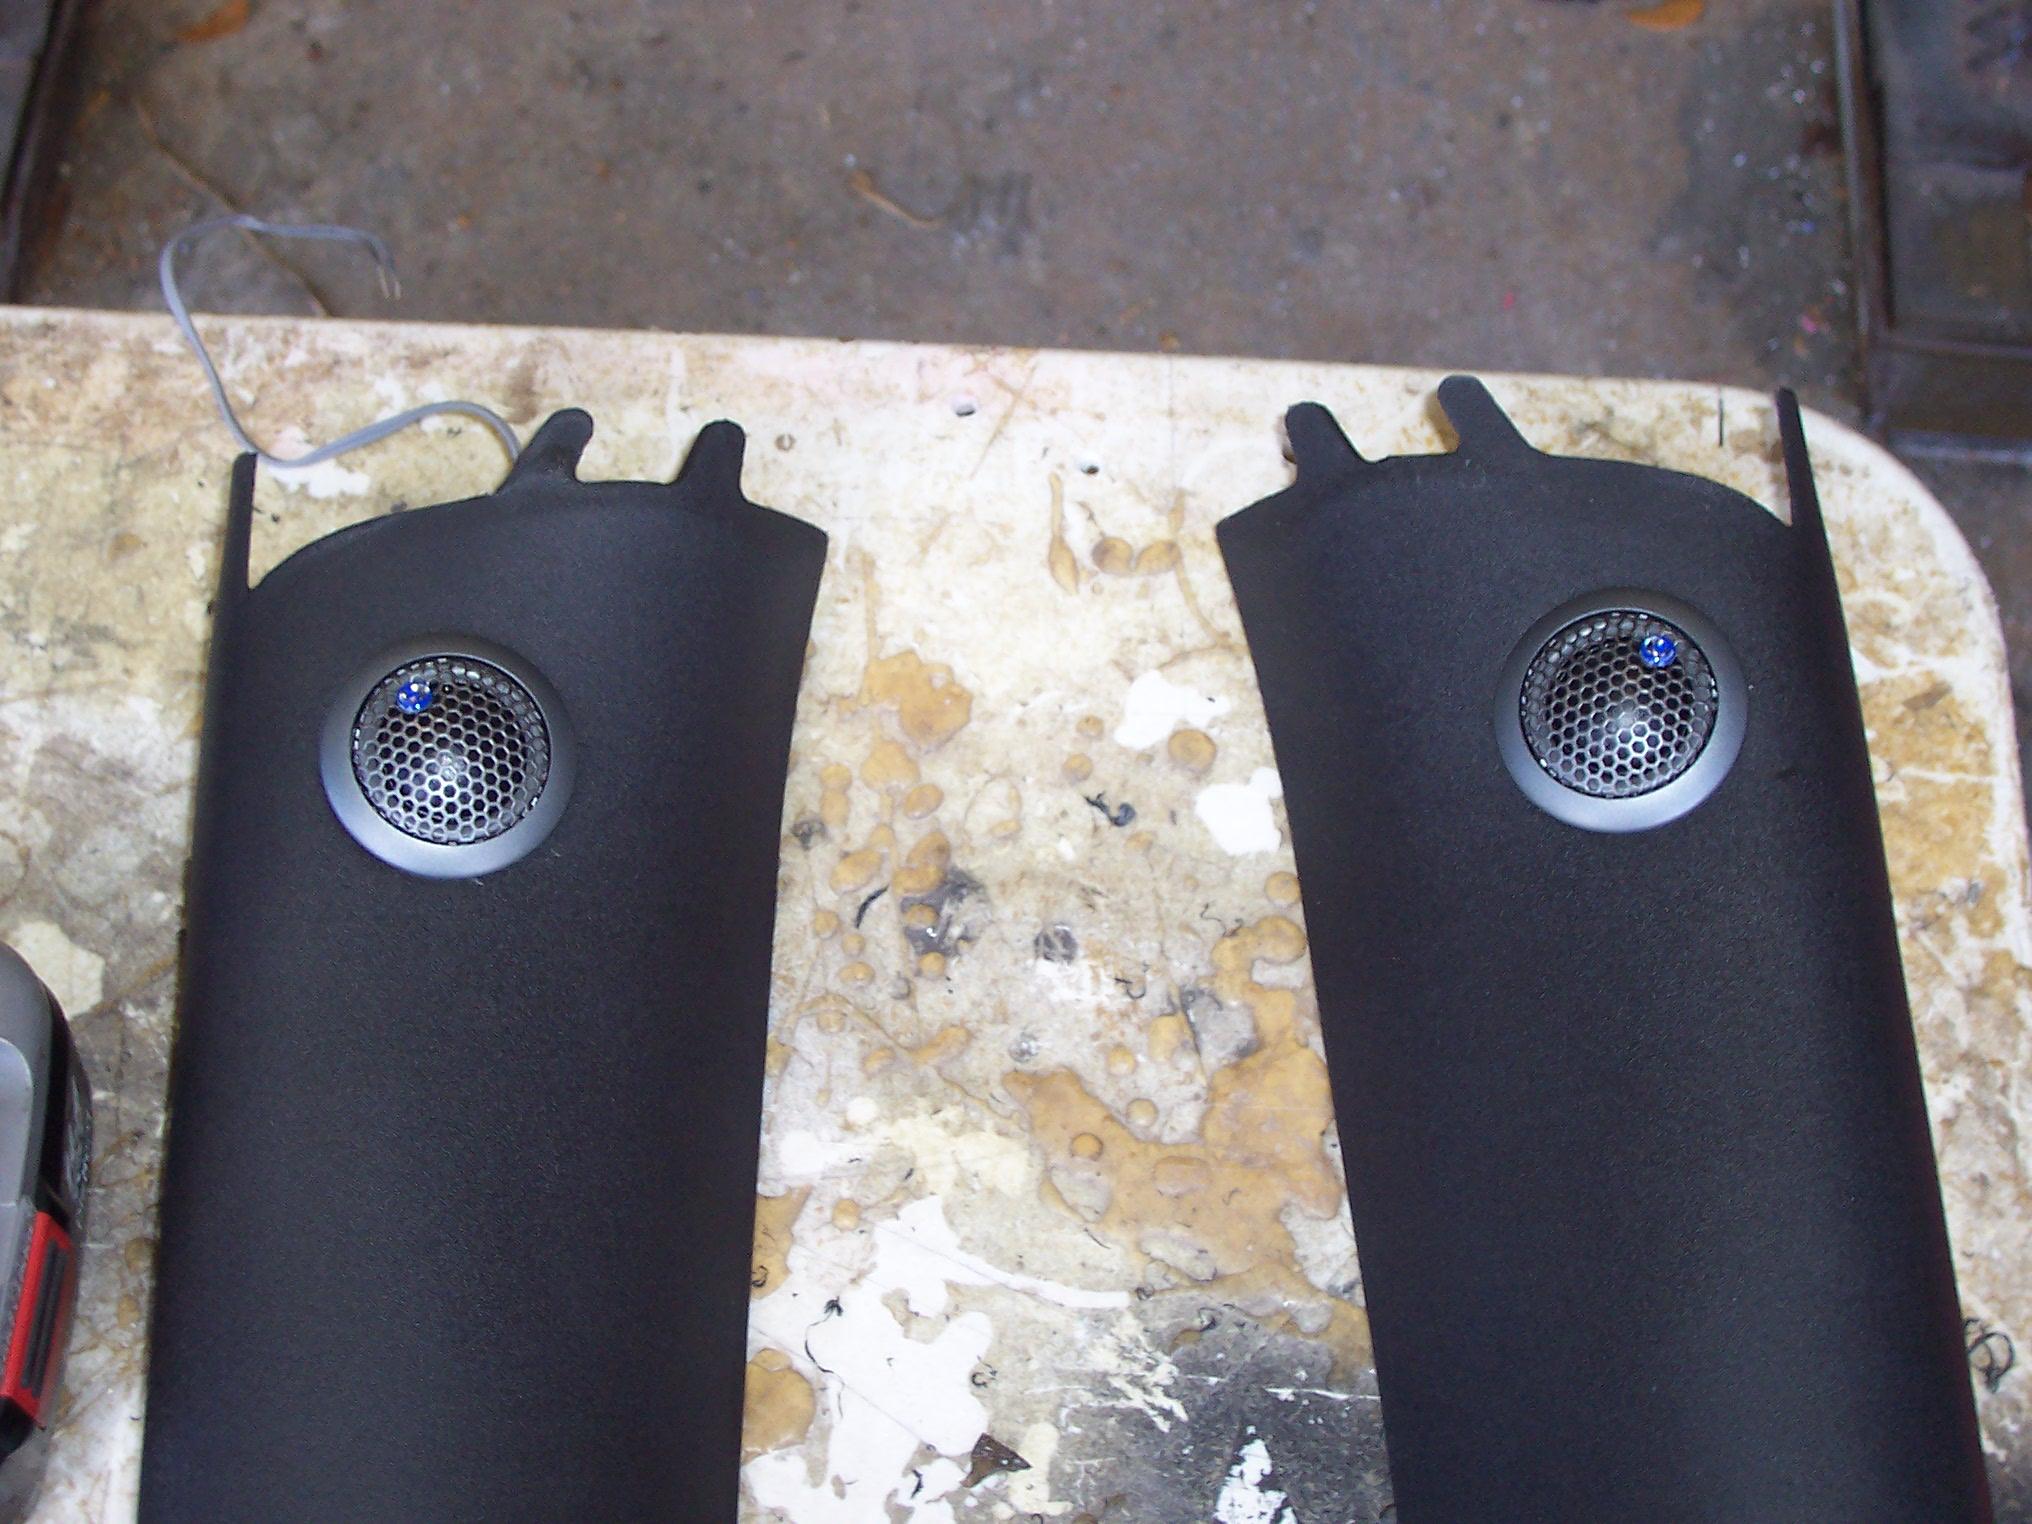 Pics of Speaker/Amp Install-100_3622.jpg